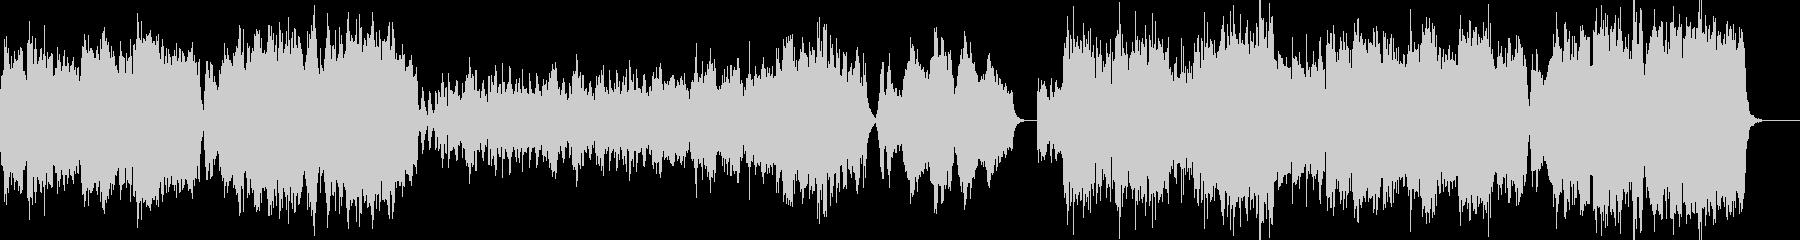 中世ヨーロッパの貴族を感じる弦楽四重奏の未再生の波形